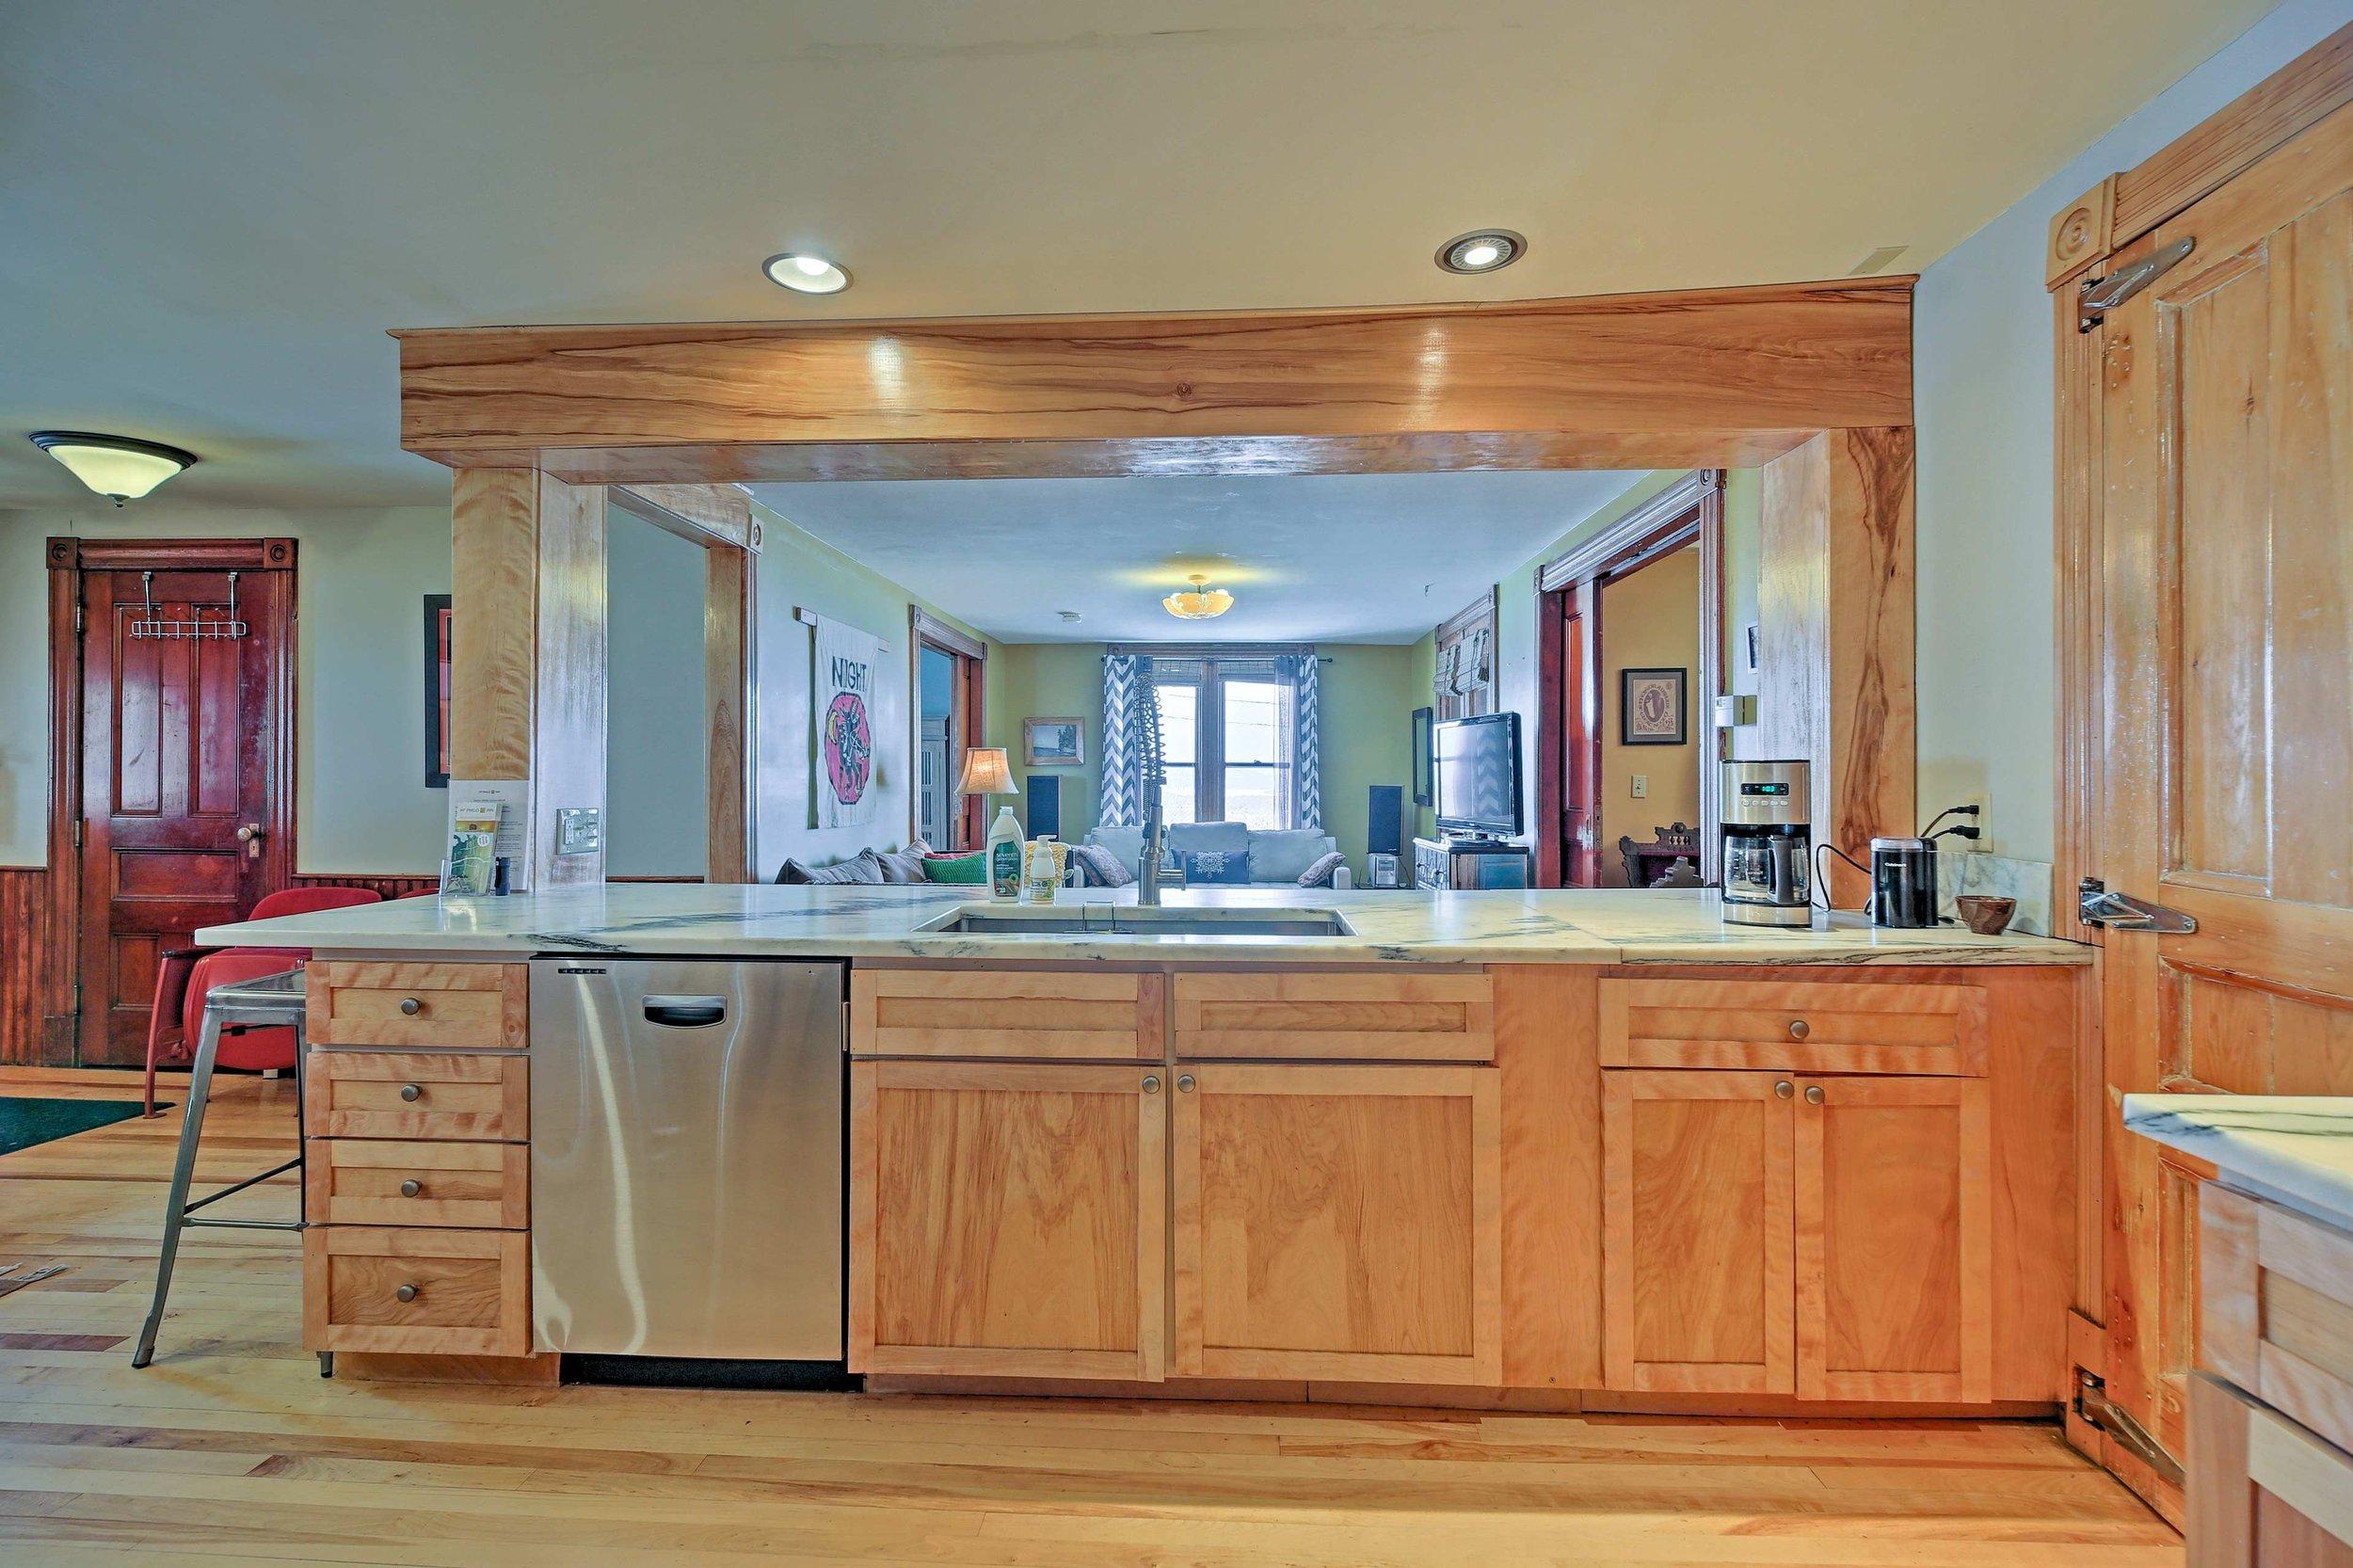 West Wing kitchen - Locally sourced yellow birch trim